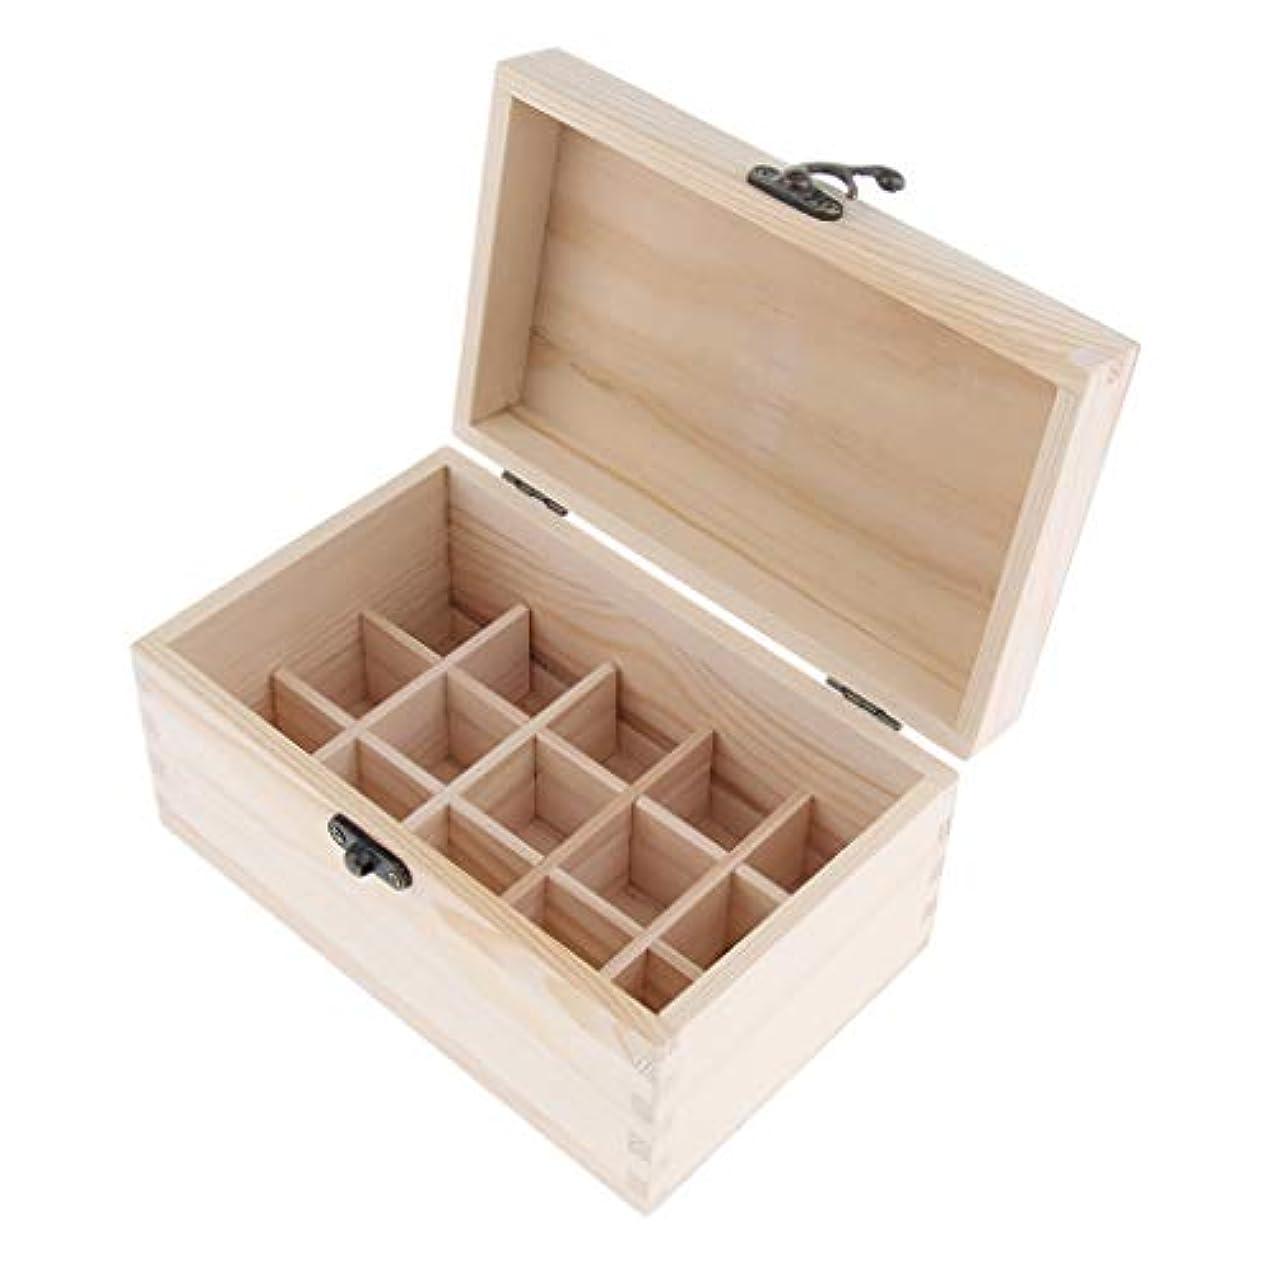 ヘビー辞任するドルdailymall エッセンシャルオイル収納ボックス 木製 アロマケース 精油 香水収納 レトロ 大容量 15本用